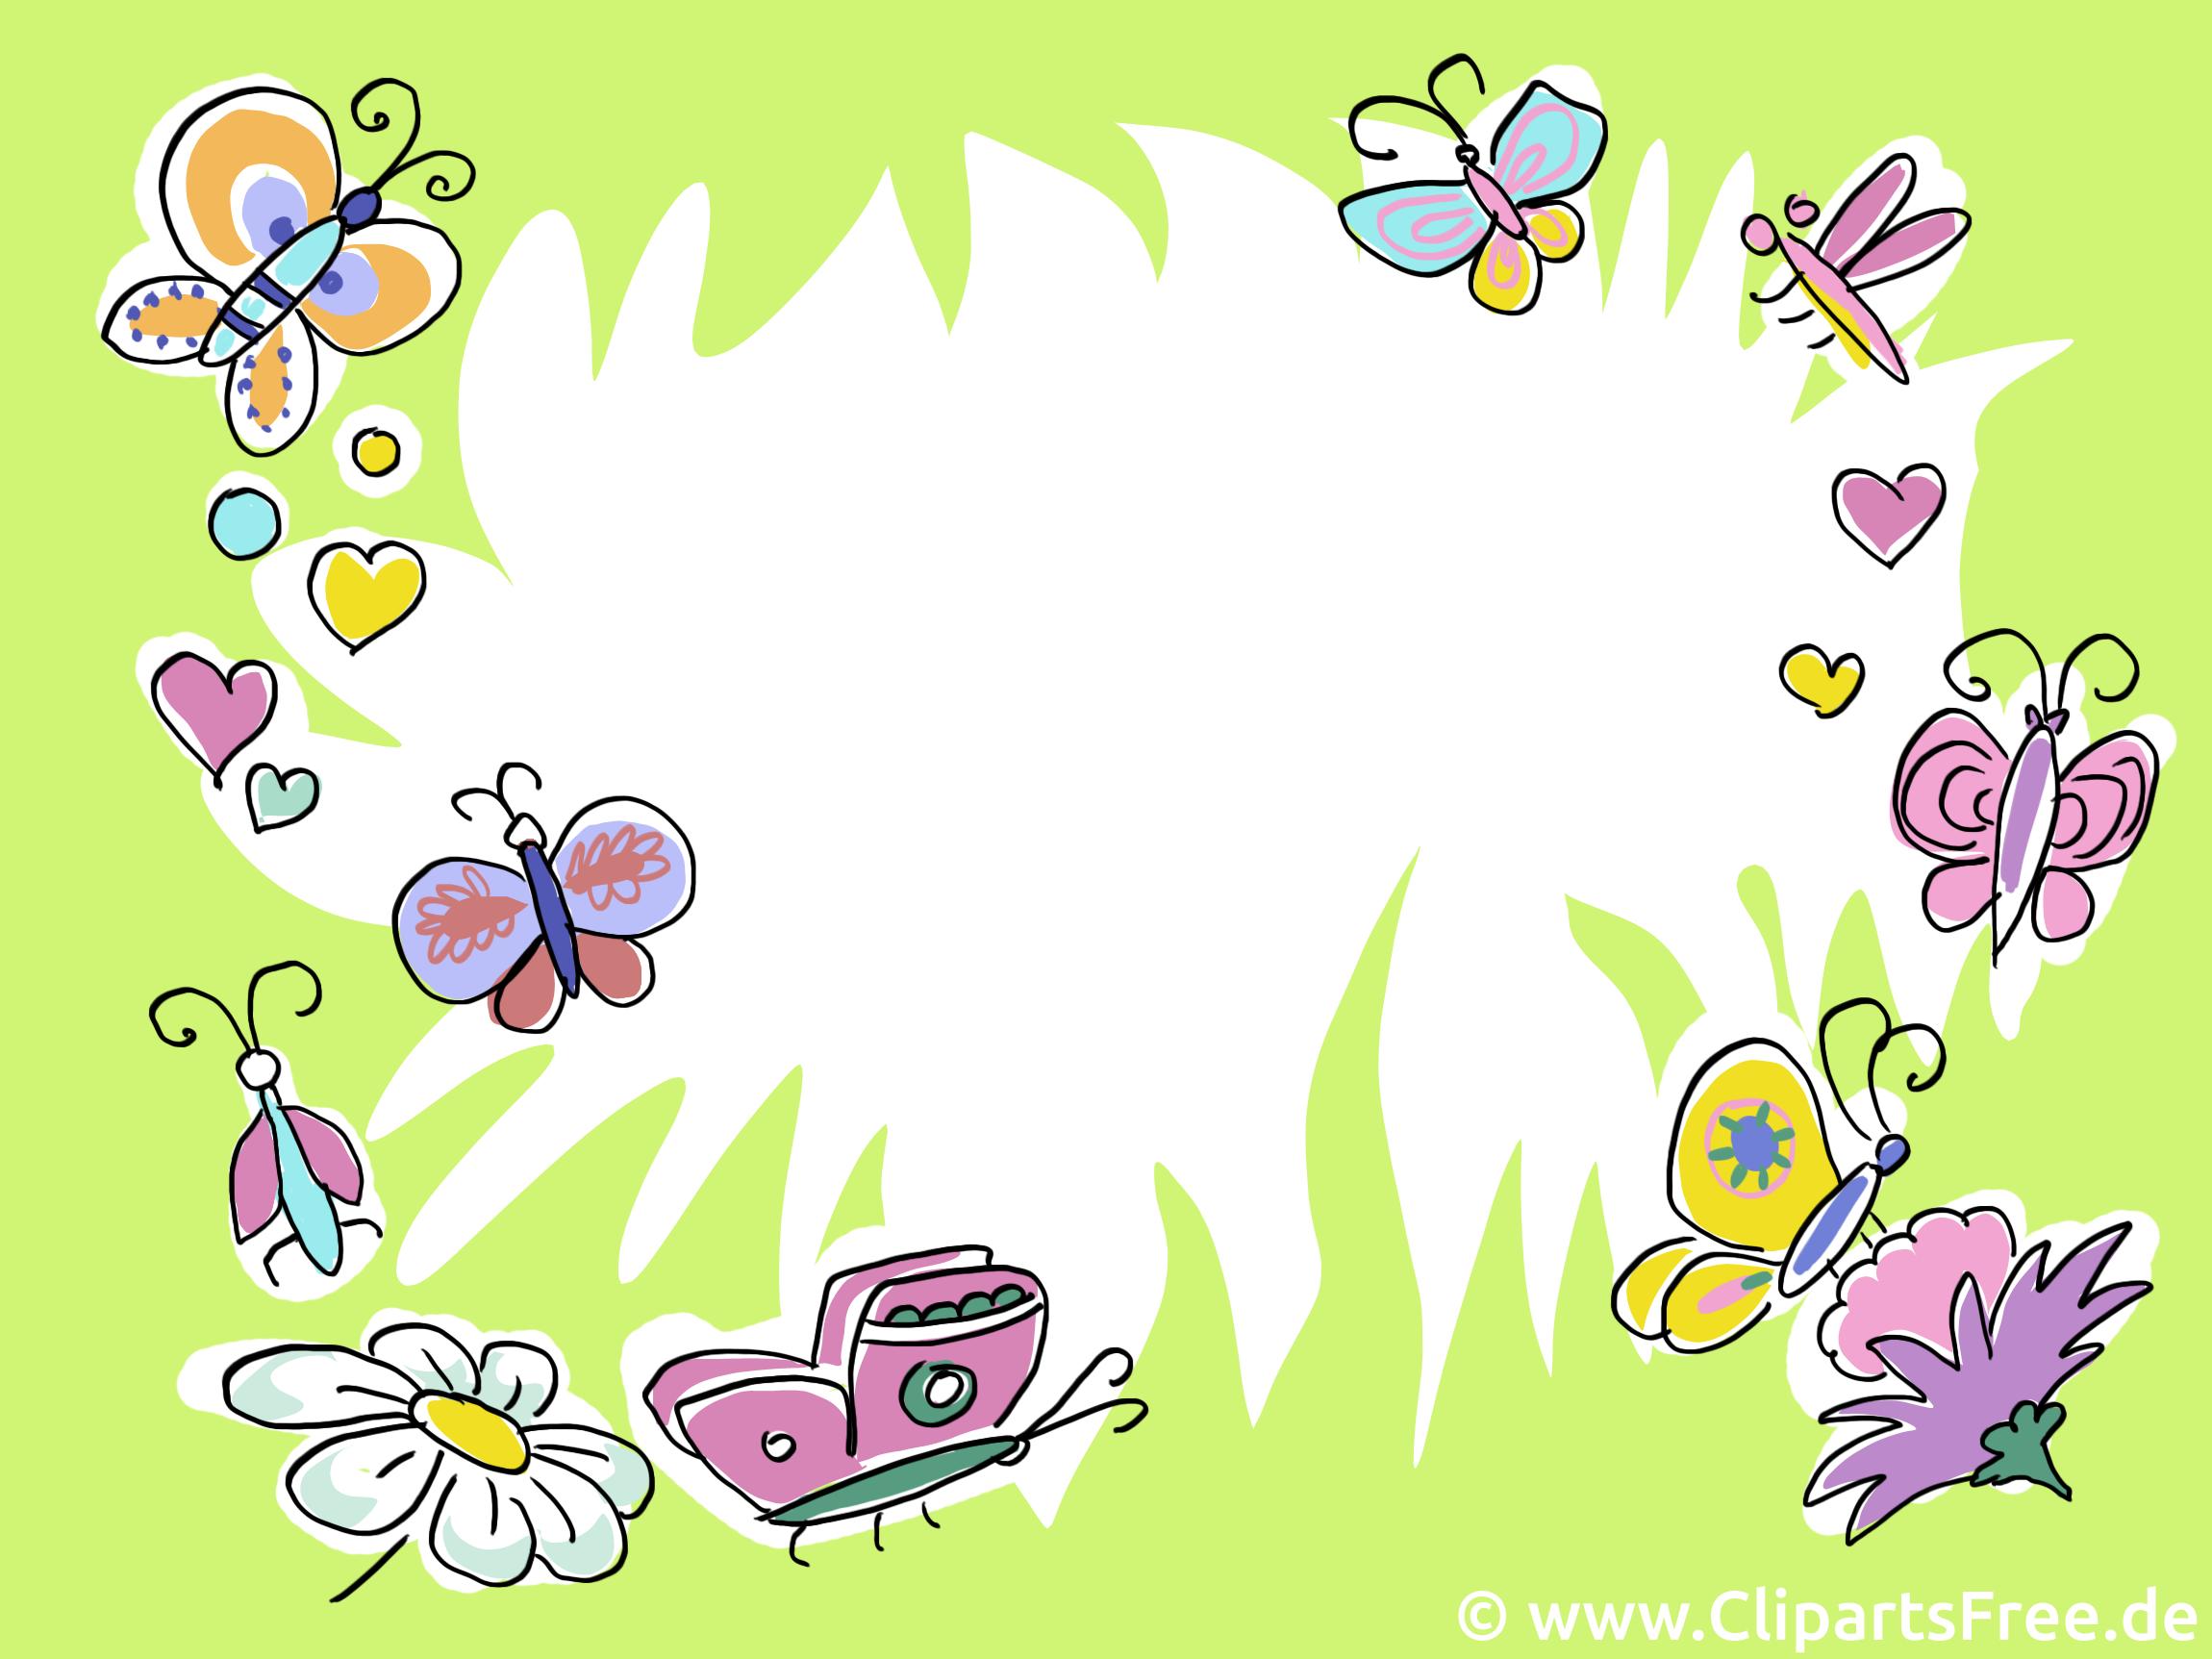 Papillons clipart gratuit - Fonds d'écran images